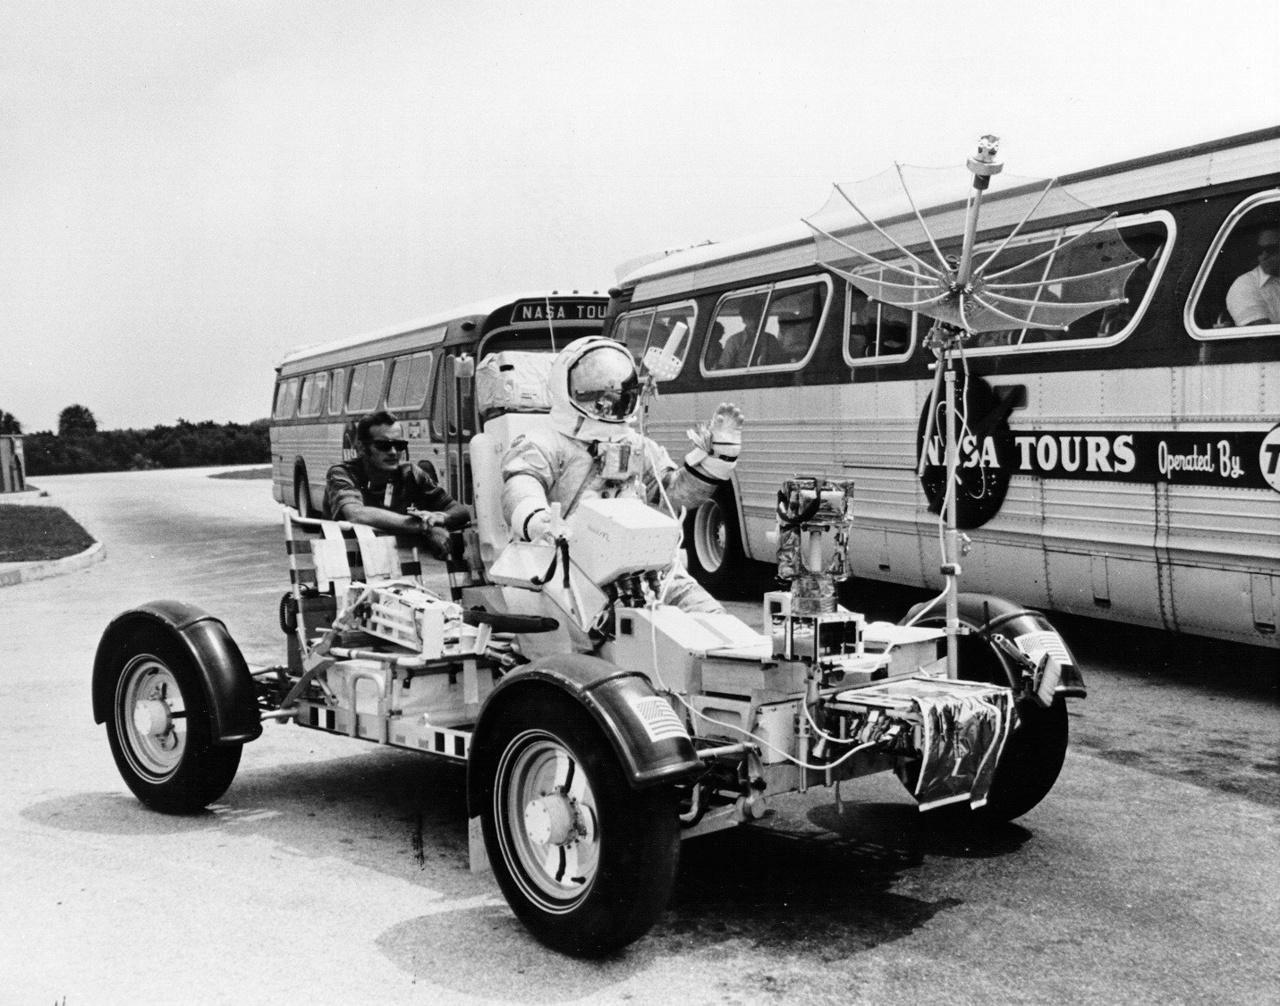 Cernan a Kennedy Űrközpont látogatóinak integet a földi holdautó tesztelése közben.